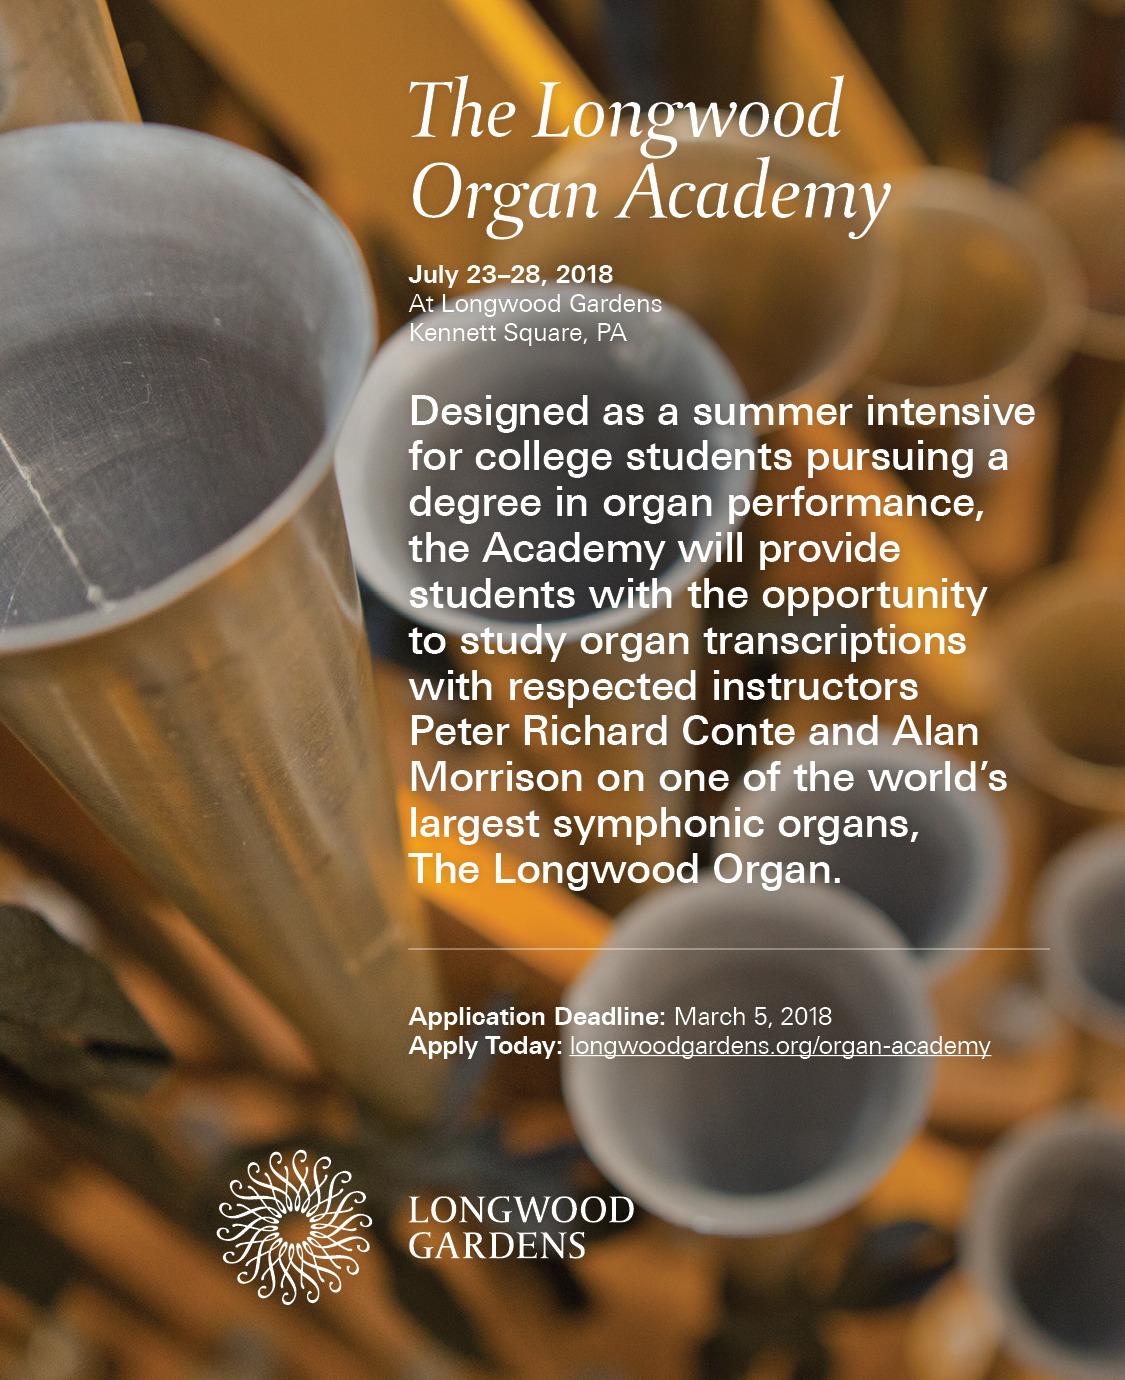 Organiste.net | Calendar of Organ Recitals, Workshops,and Events